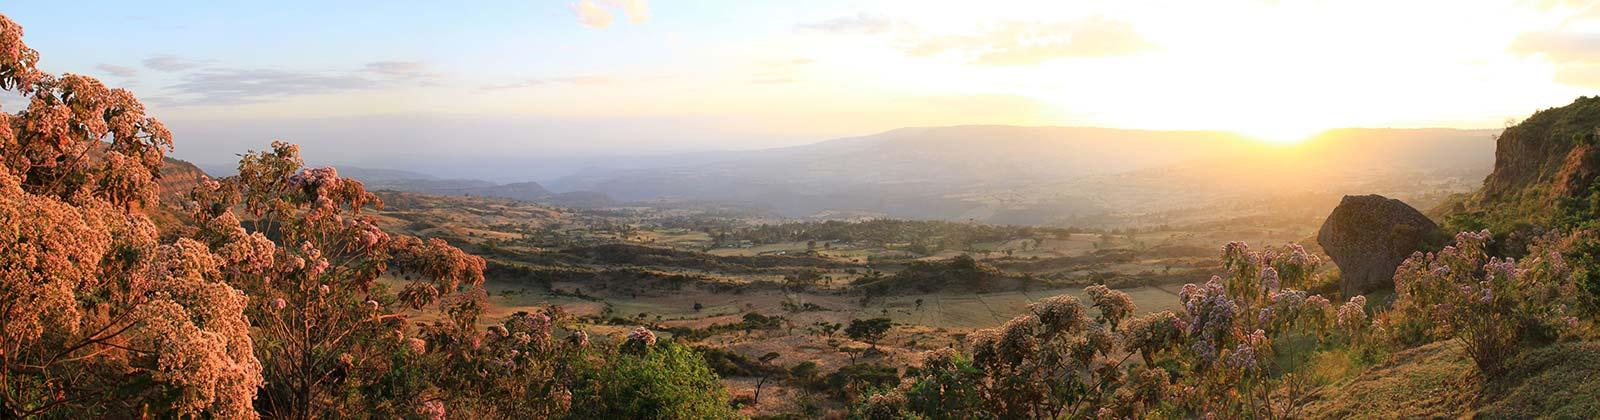 Sonnenuntergang im Washa Catchment in Äthiopien